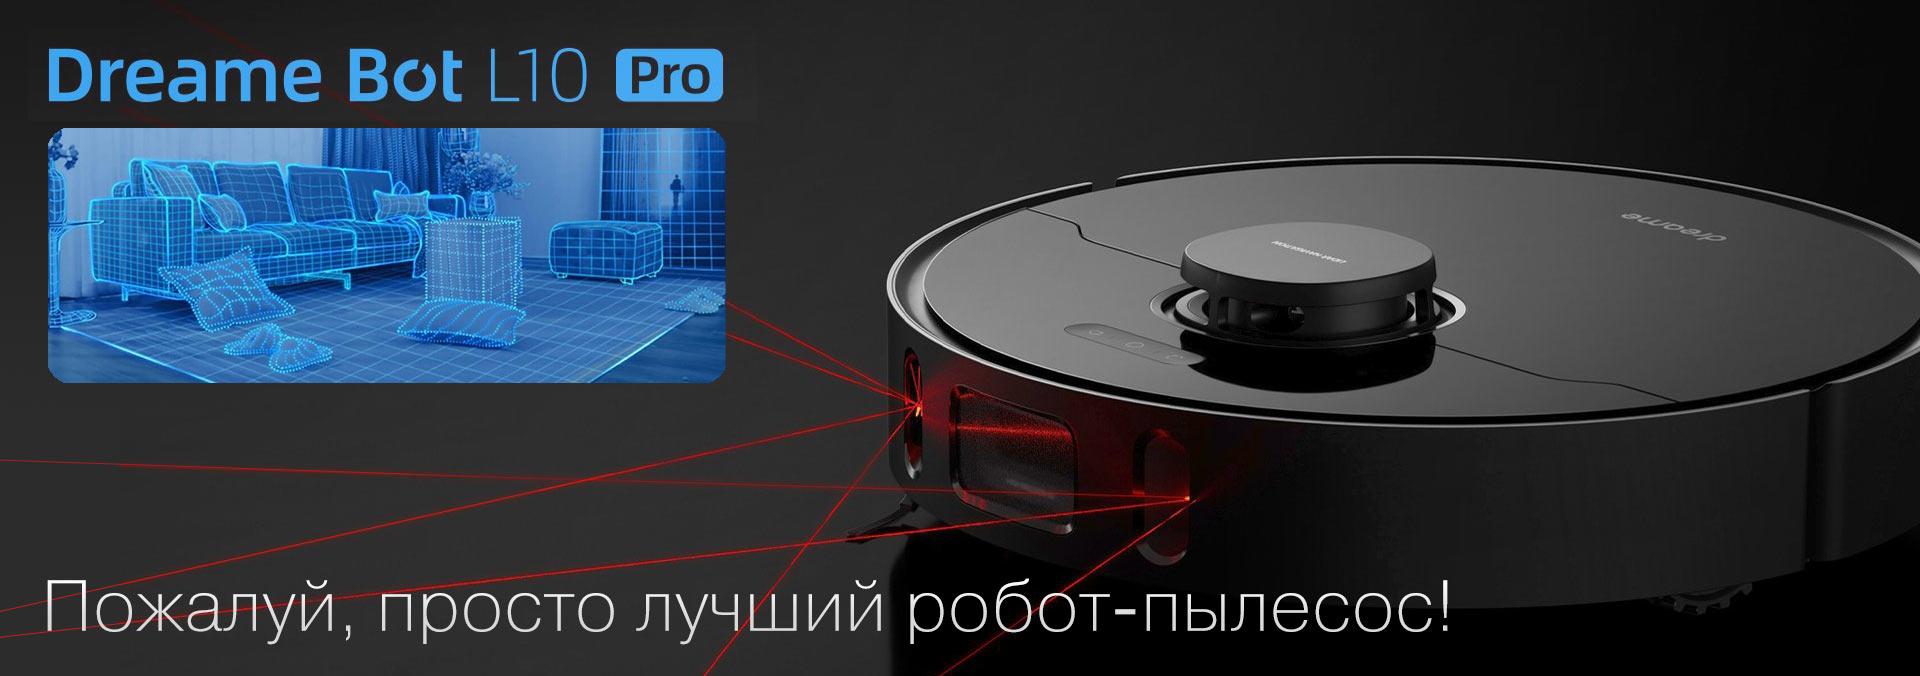 Робот Пылесос Xiaomi Dreame L10 купить в СПб